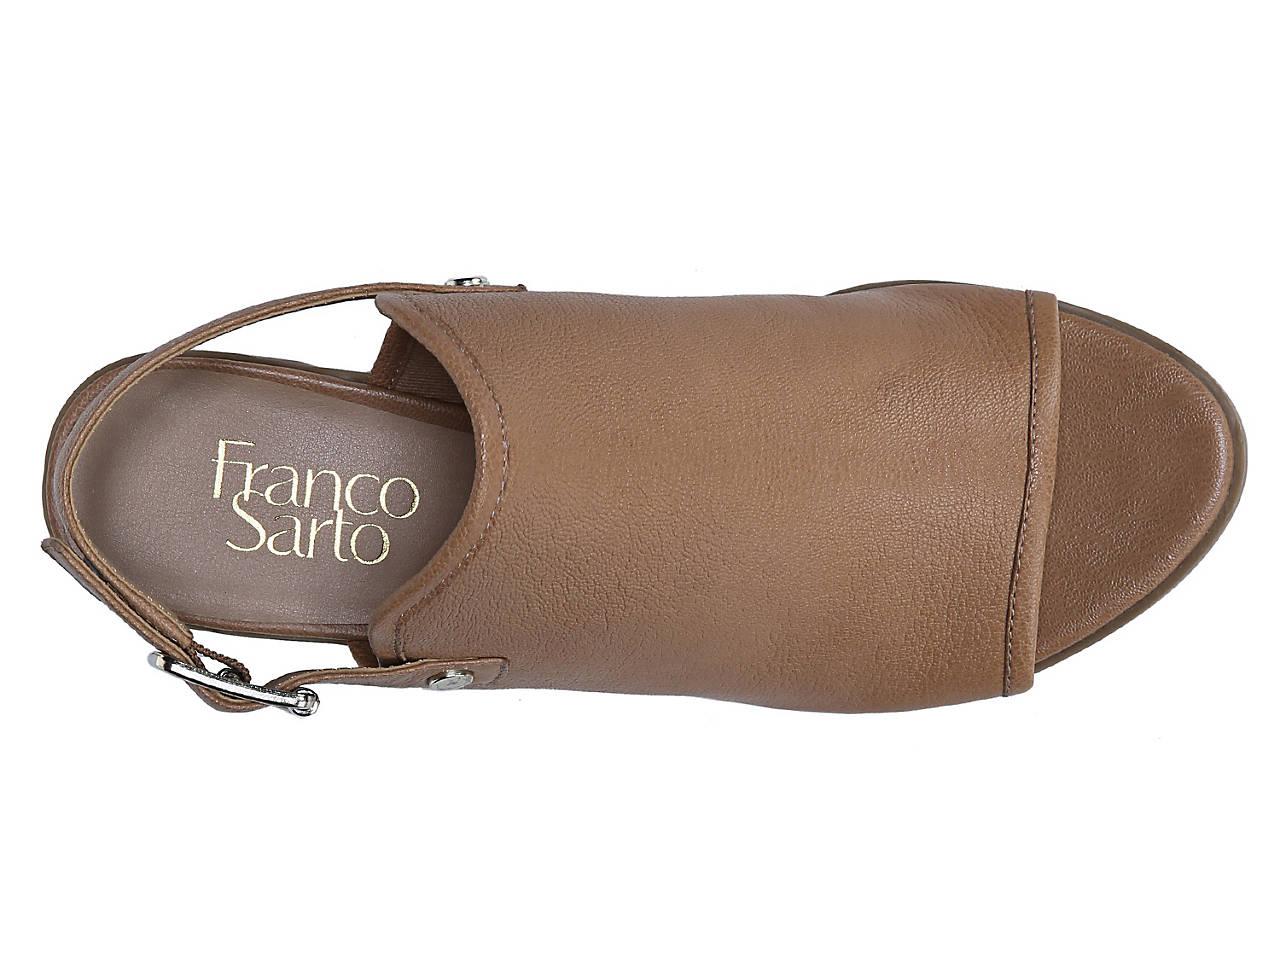 ba87776cf7aa5 Franco Sarto Humor Sandal Women s Shoes